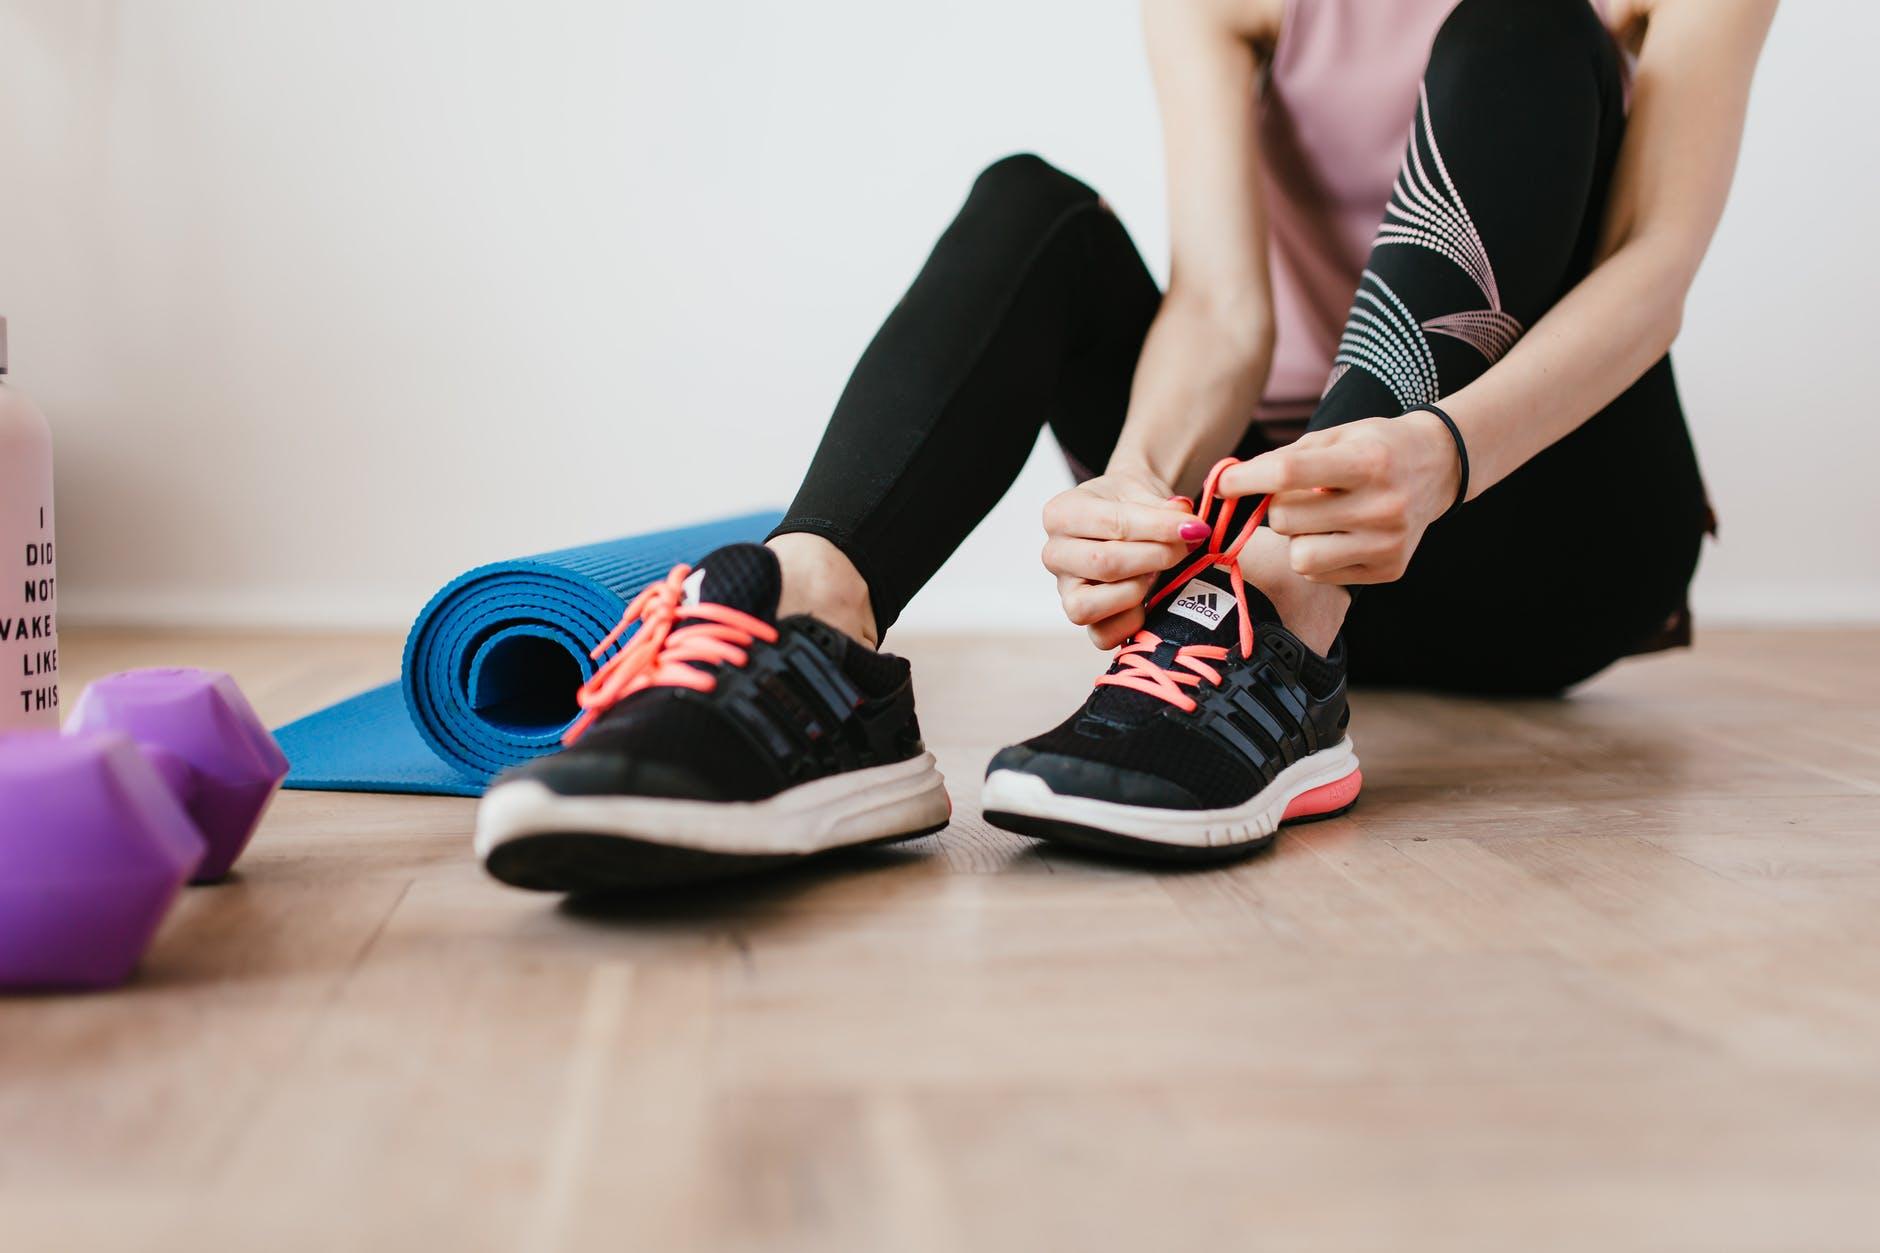 Entrainement physique - Un programme d'entrainement adapté à vos objectifs